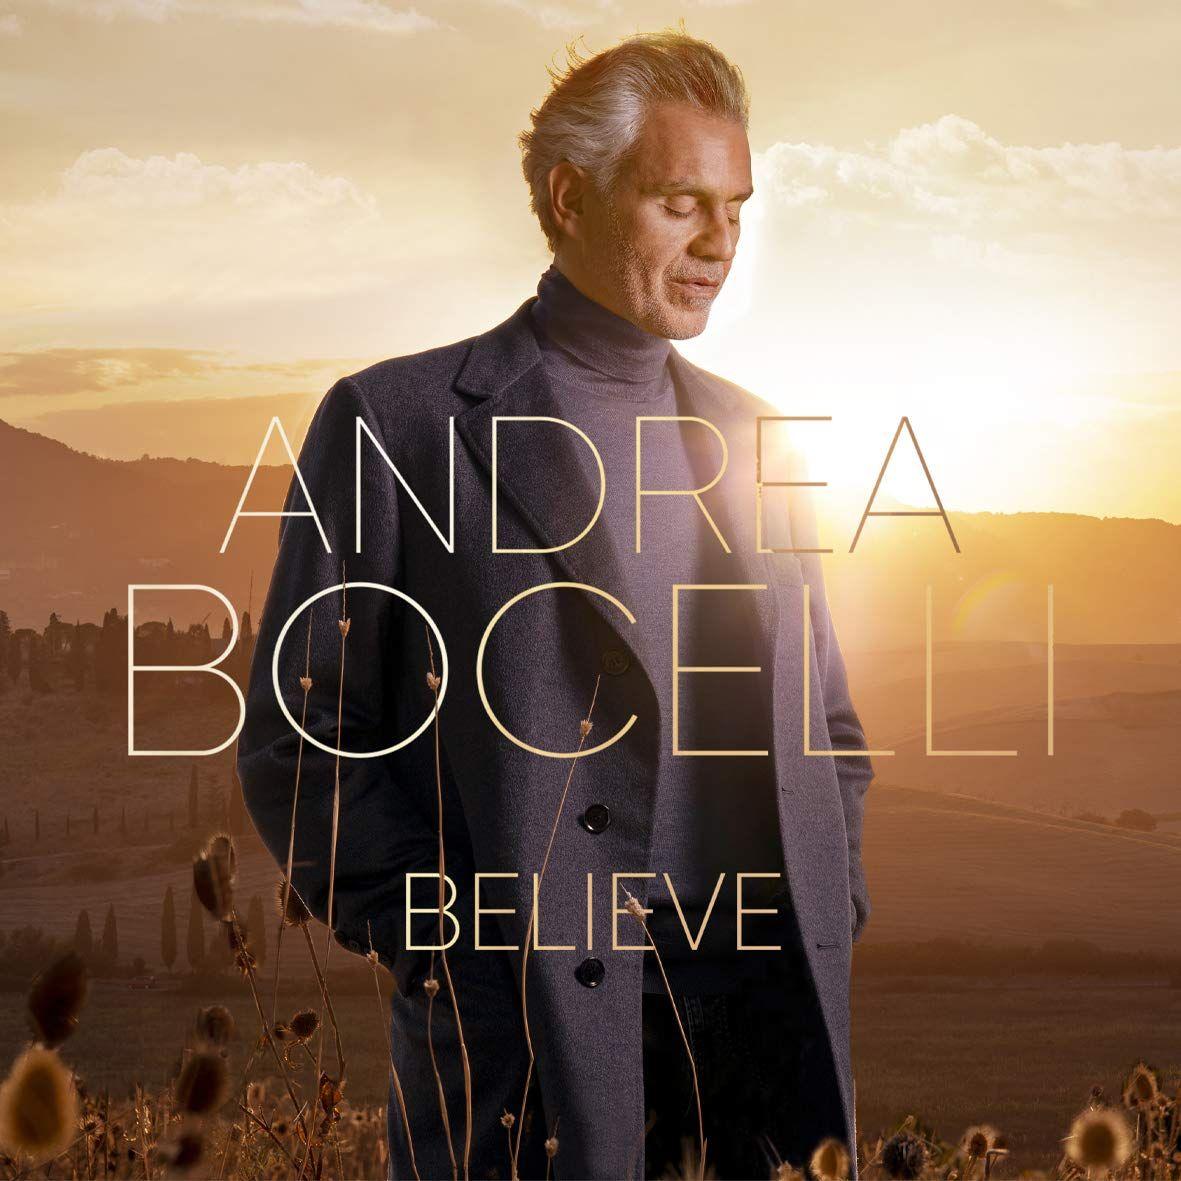 Andrea Bocelli - Believe album cover